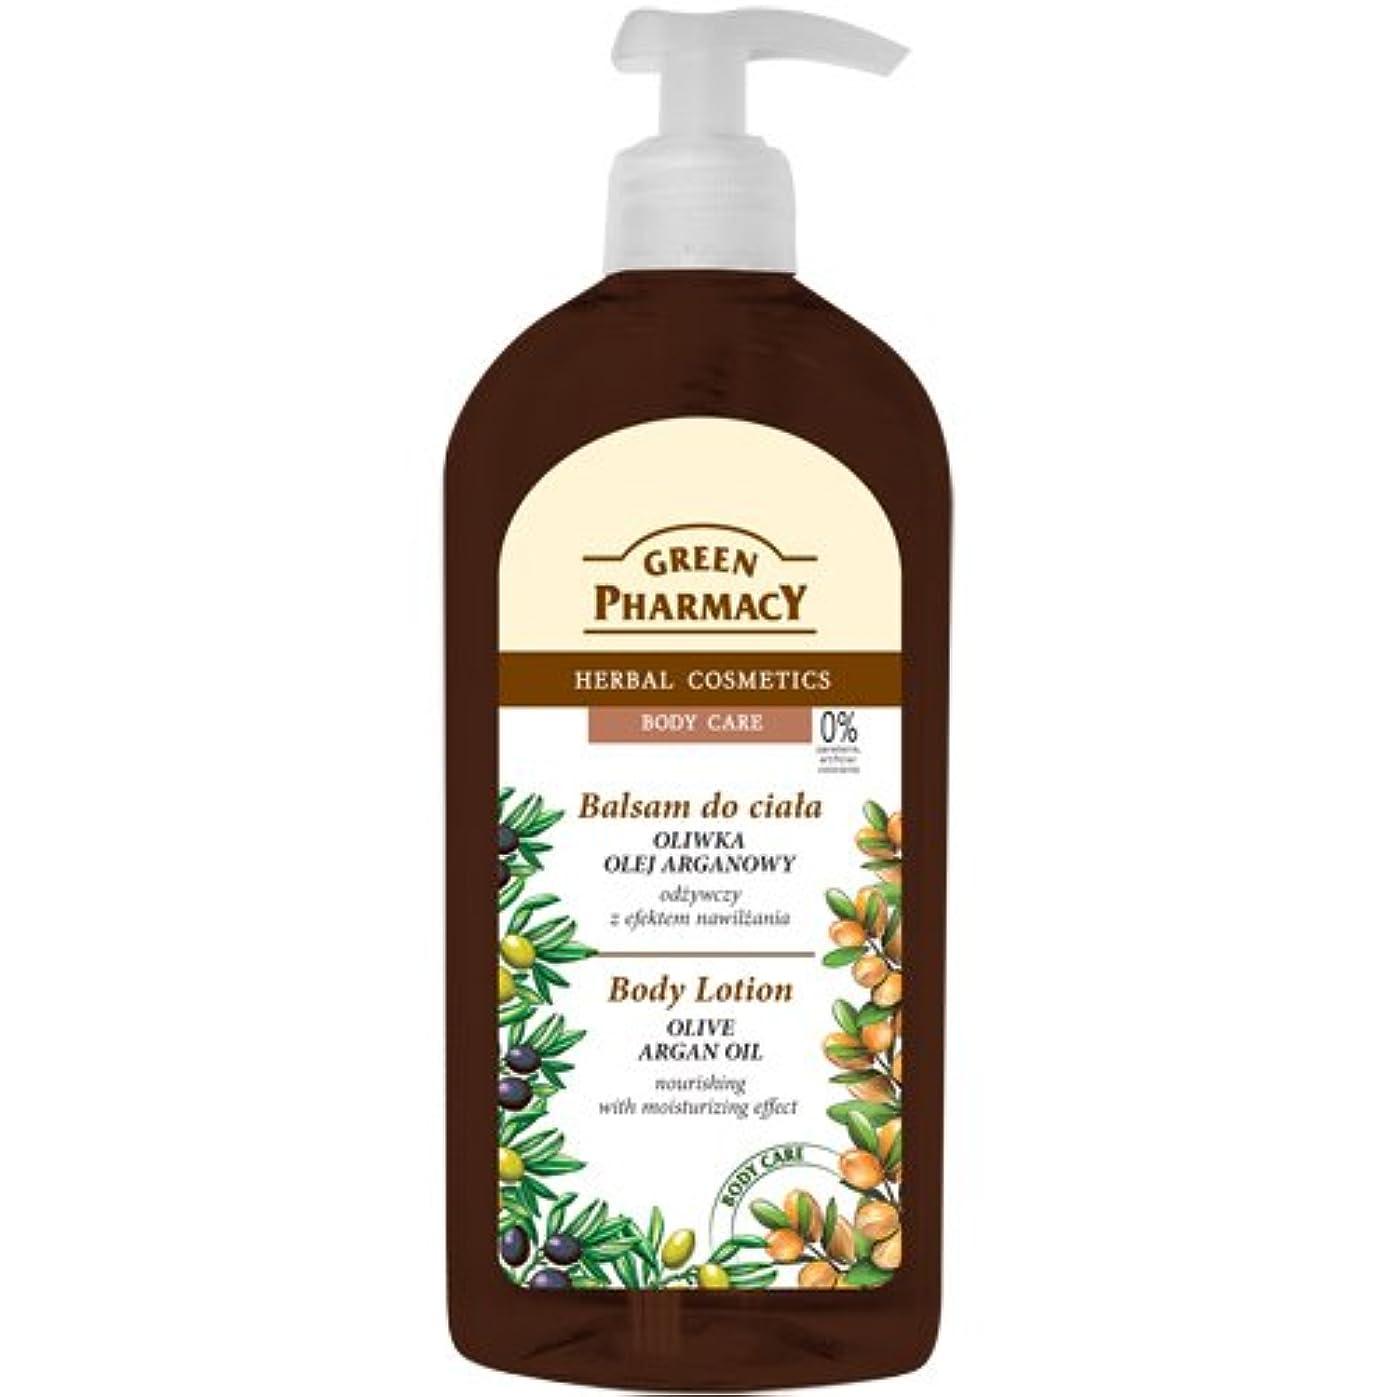 大脳量窒息させるElfa Pharm Green Pharmacy グリーンファーマシー Body Lotion ボディローション Olive Argan Oil